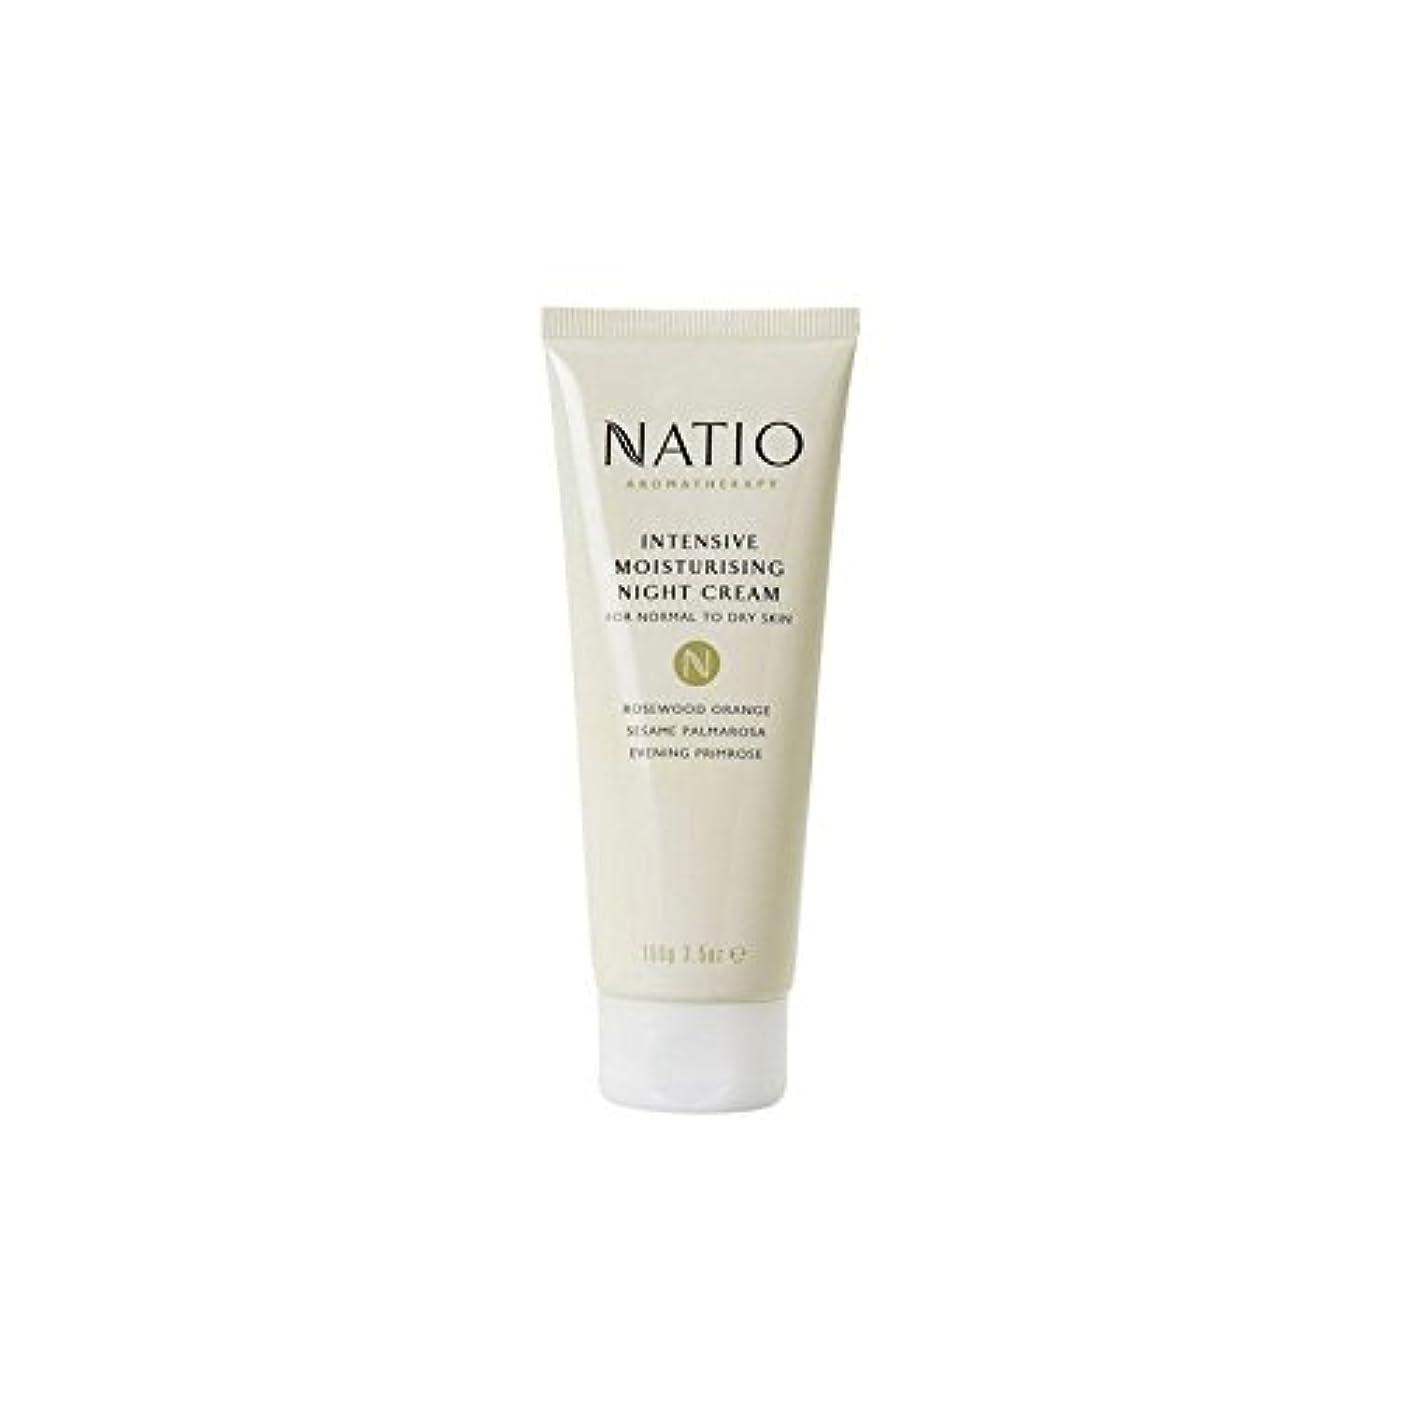 踊り子ブッシュスペア集中的な保湿ナイトクリーム(100グラム) x2 - Natio Intensive Moisturising Night Cream (100G) (Pack of 2) [並行輸入品]